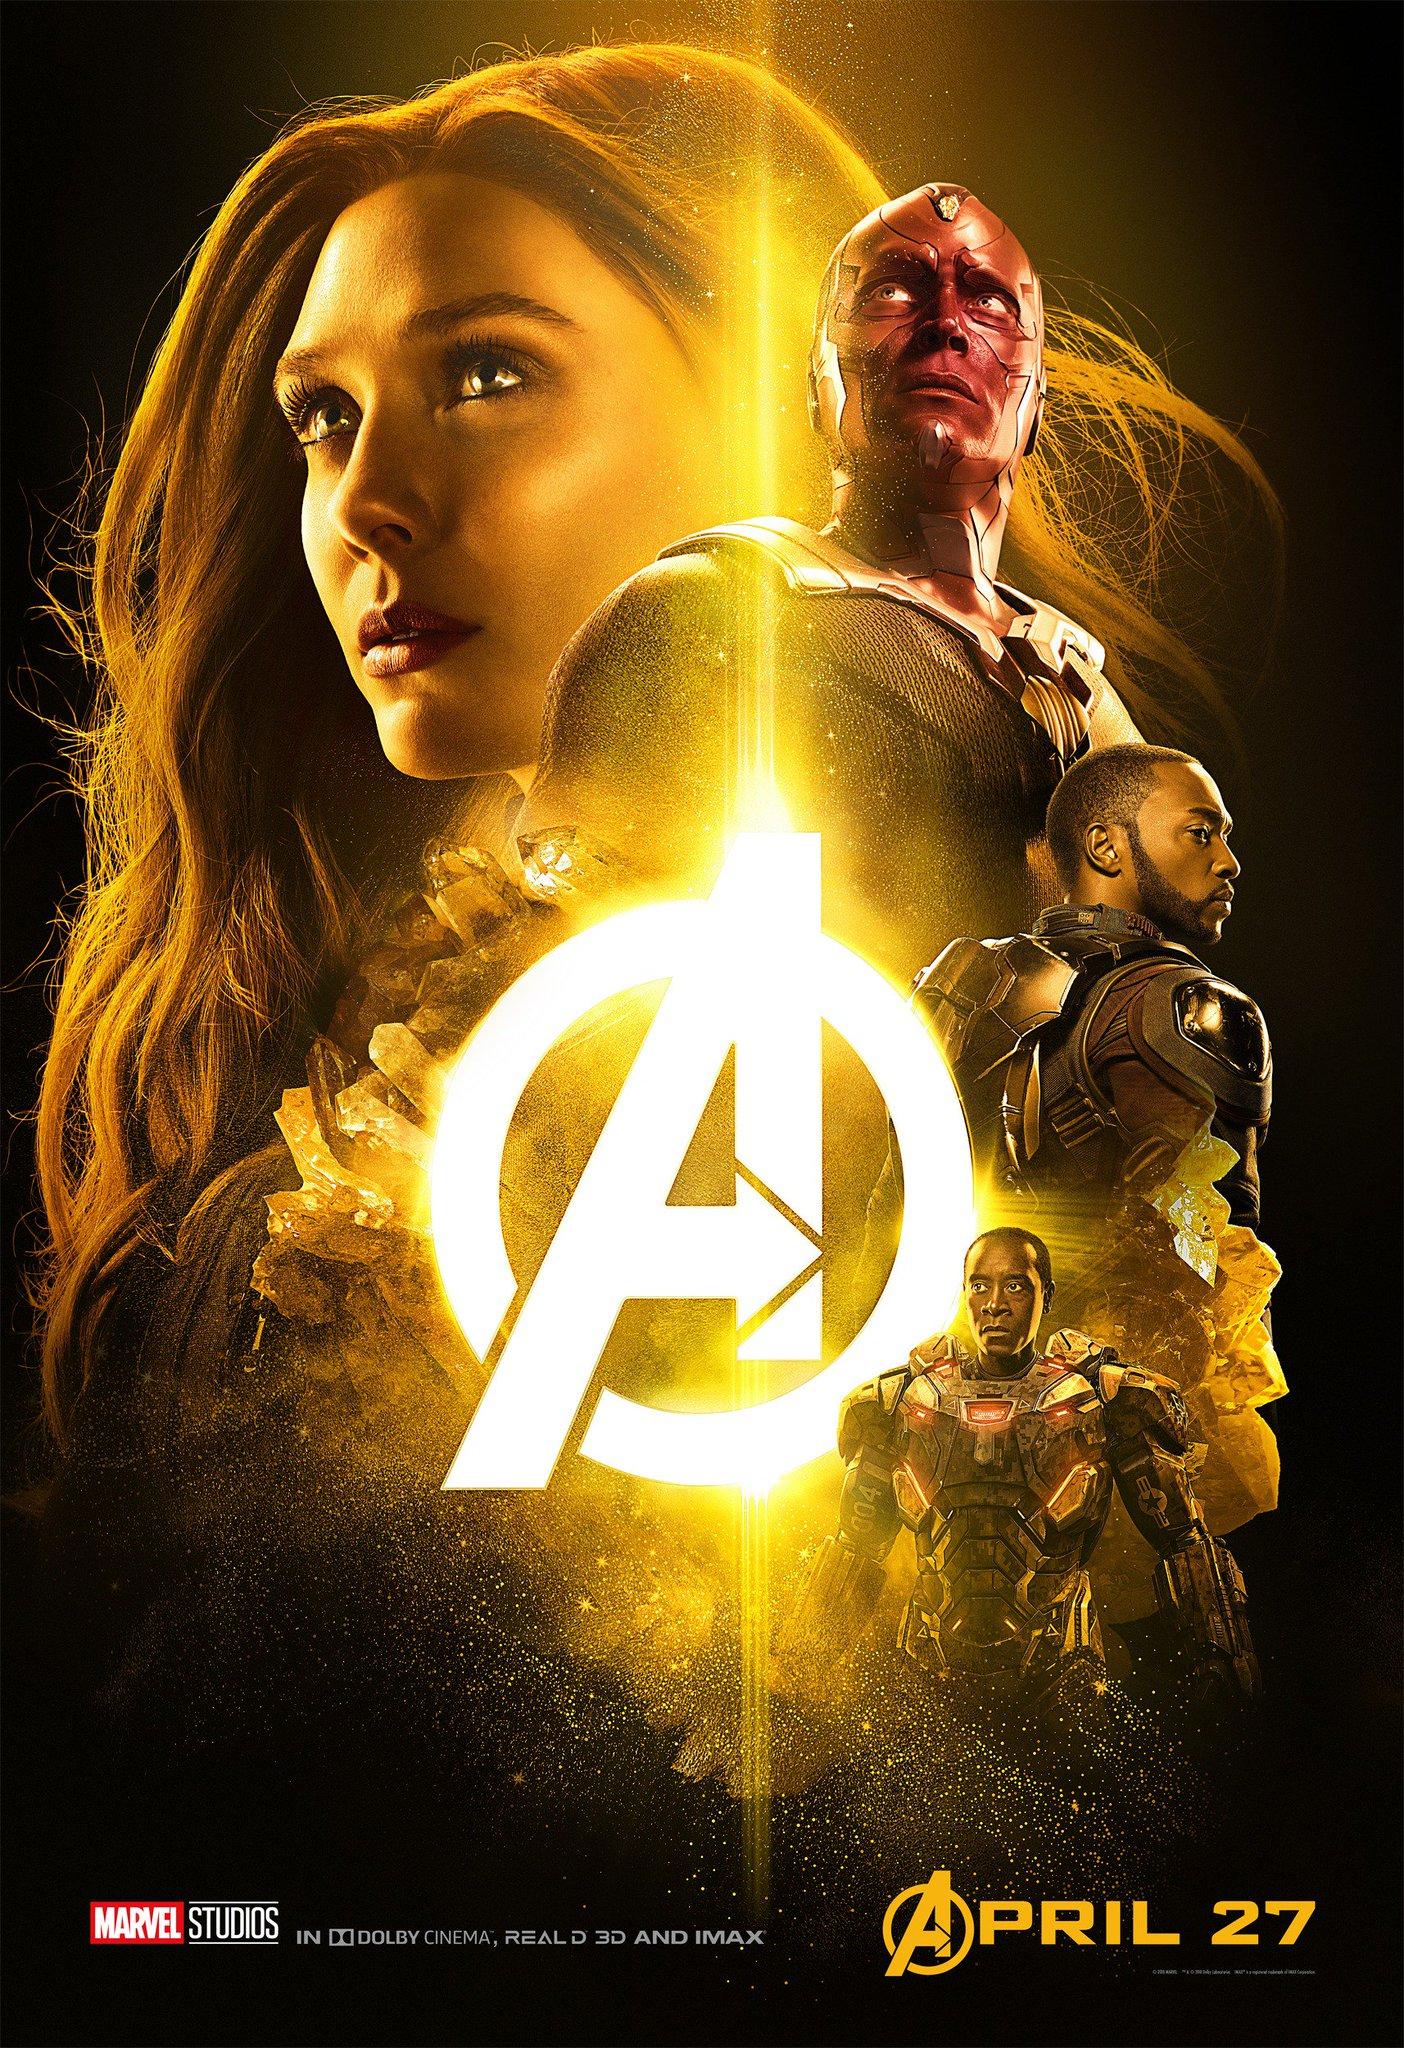 """""""We fight for all of them."""" Marvel Studios' 'Avengers: #InfinityWar' in theaters April 27th. https://t.co/Vp9vkvgKoa"""